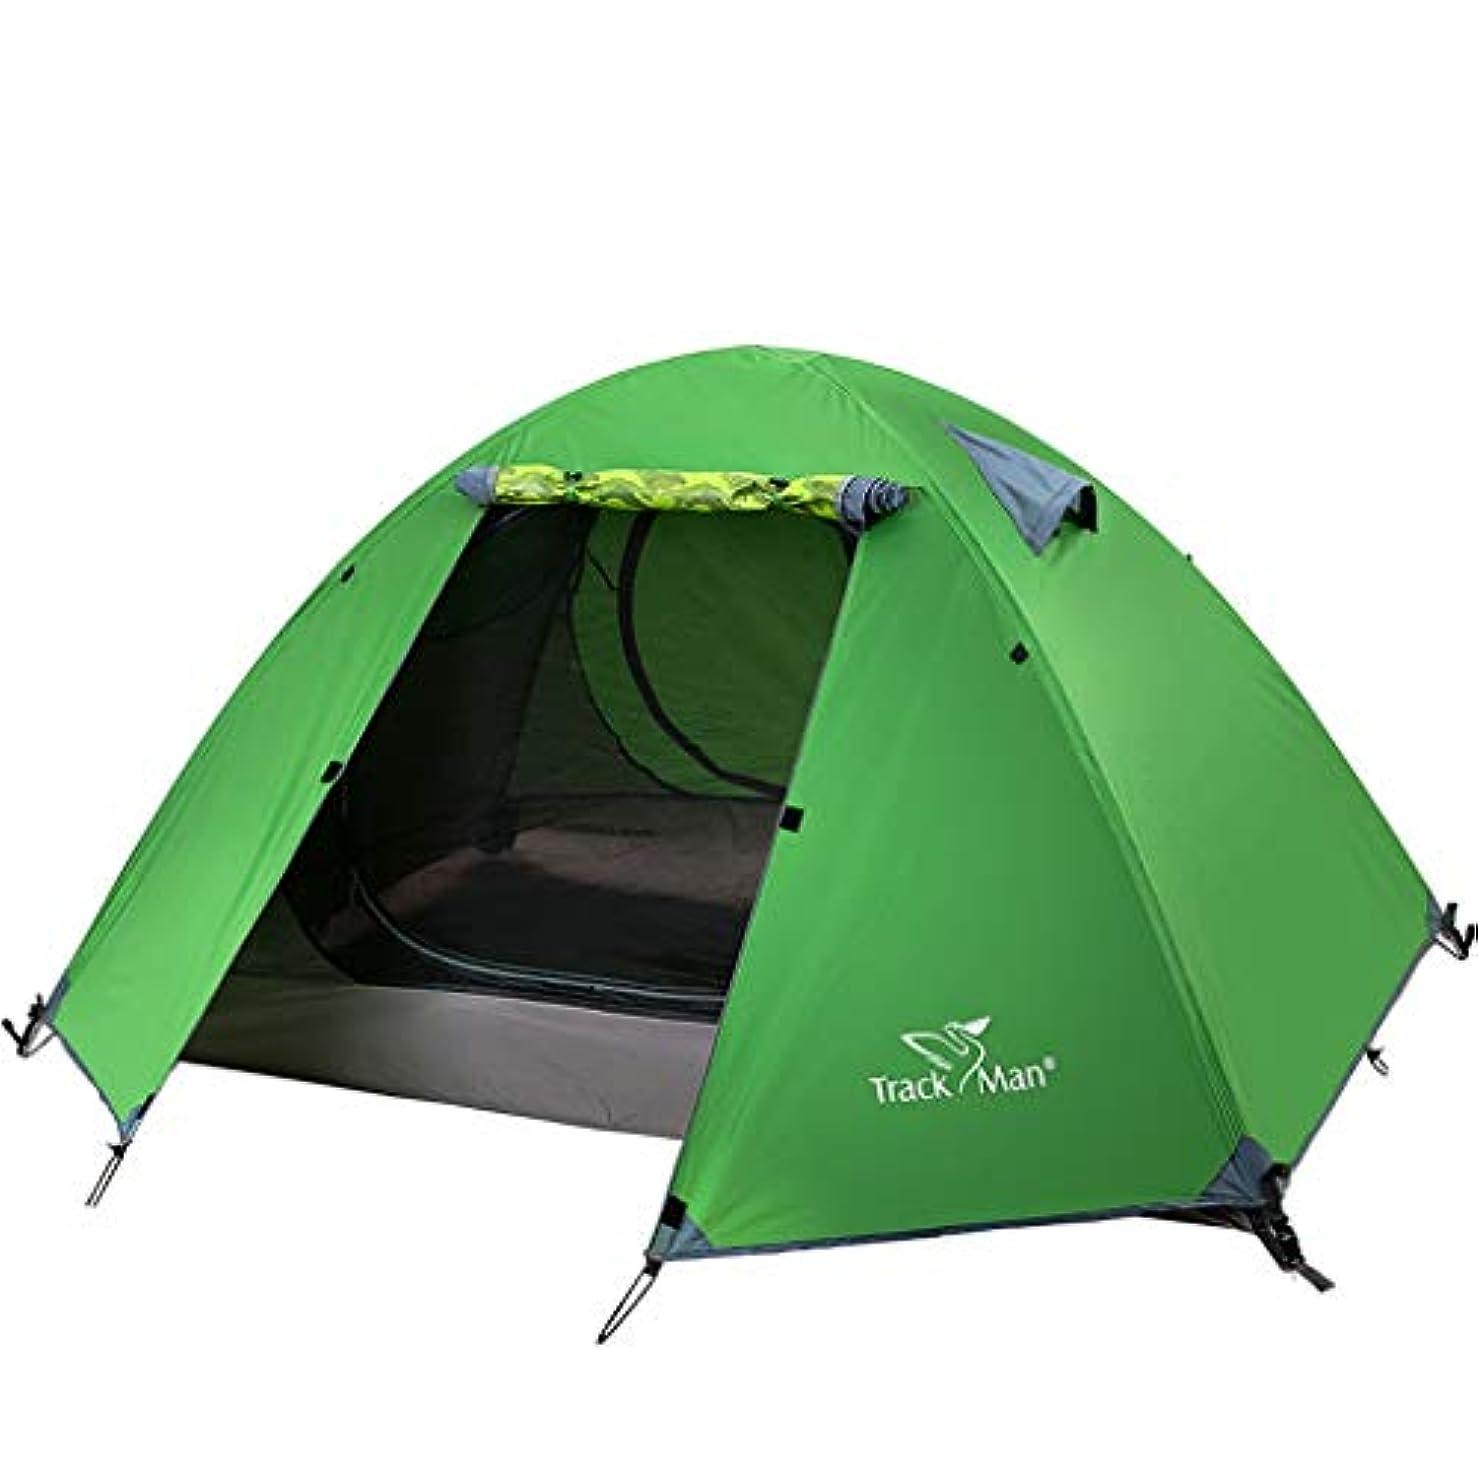 送金合唱団集めるRoscloud アウトドアテント2人観光旅行キャンプ旅行雨風ダブルレイヤーテント